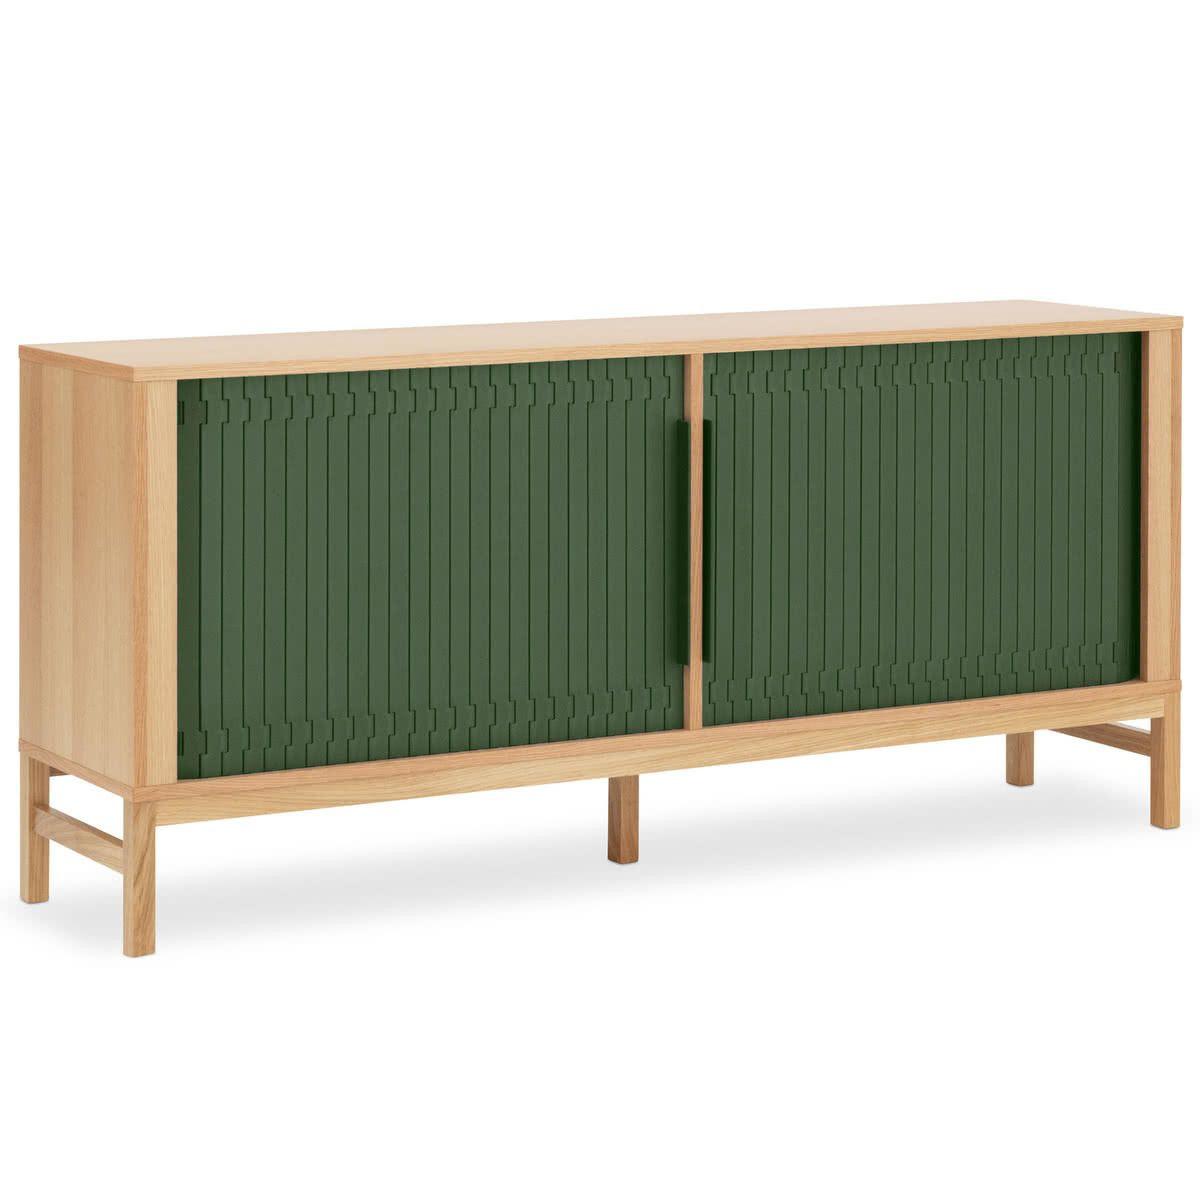 Küchenschrank Jalousie | Ikea Kühlschrank Schrank | Große ...